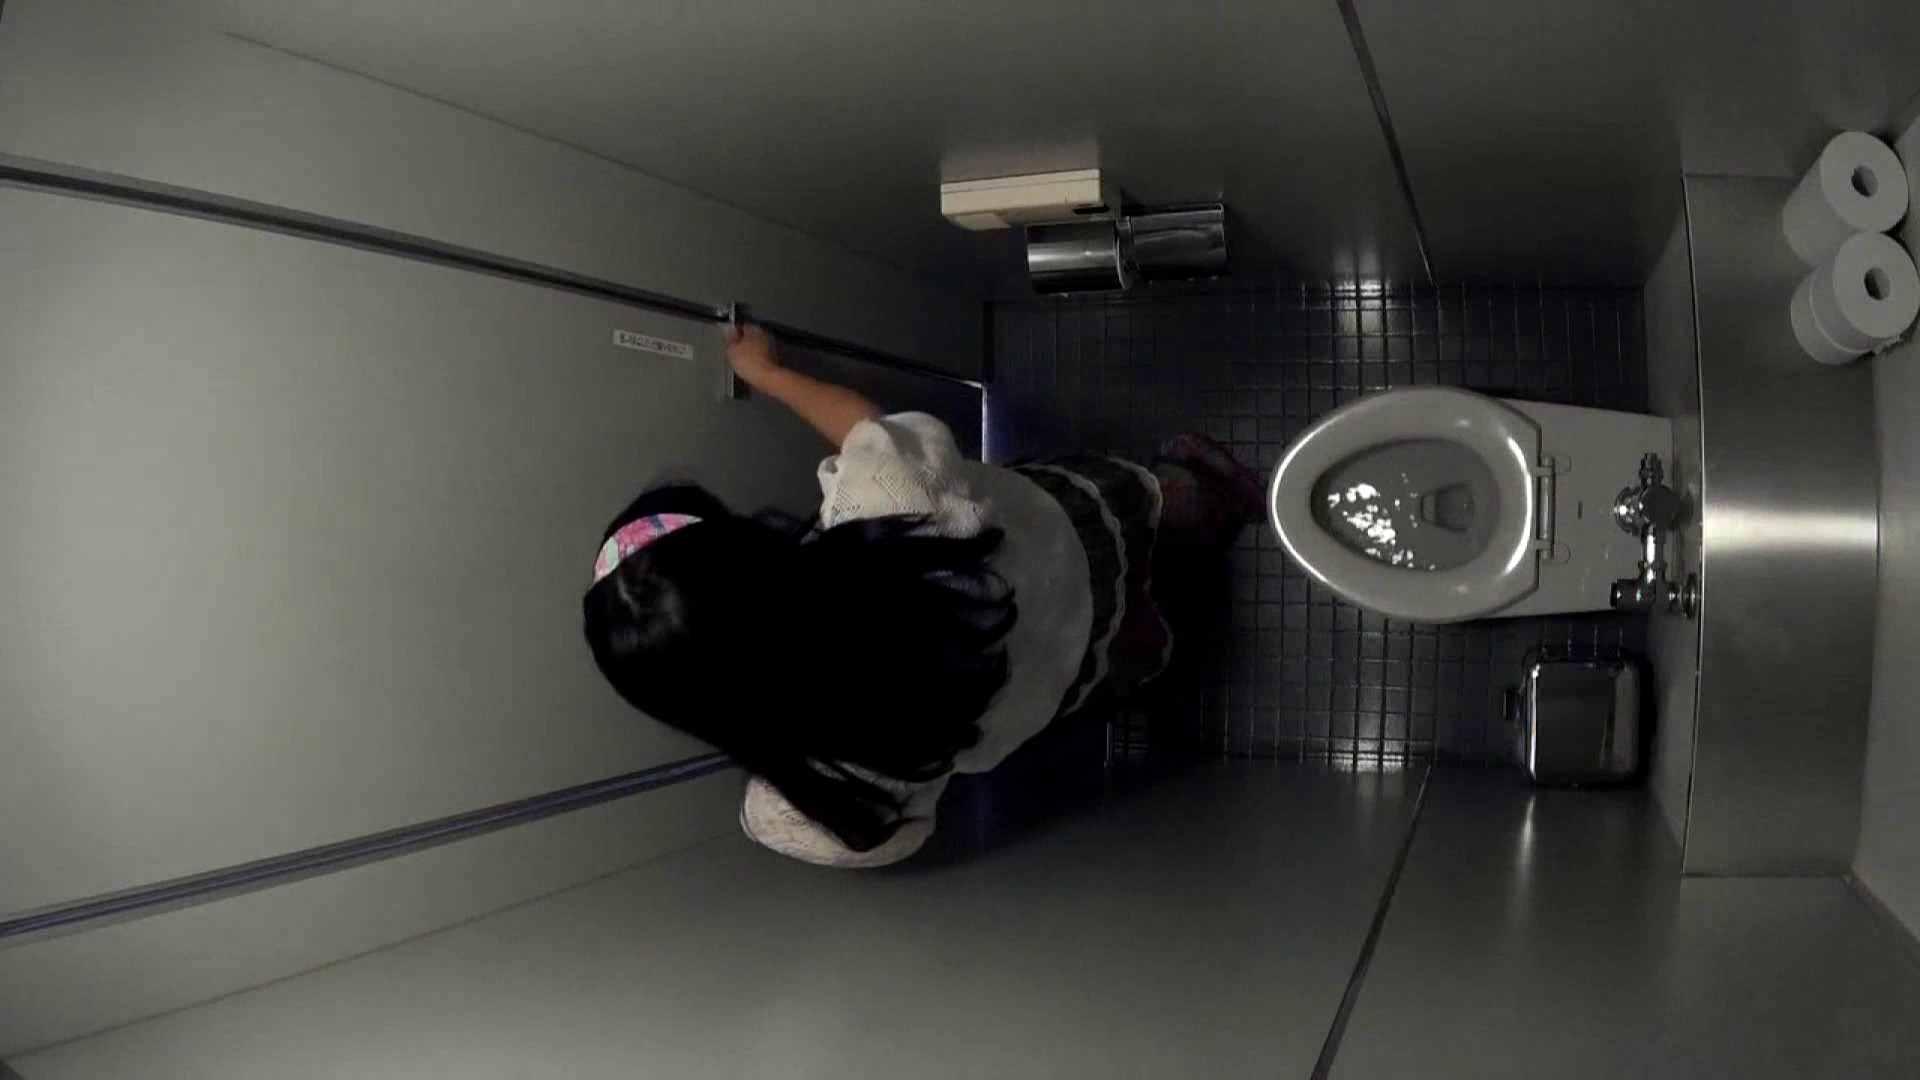 有名大学女性洗面所 vol.45 冴え渡る多方向撮影!職人技です。 投稿   潜入画像  61画像 8